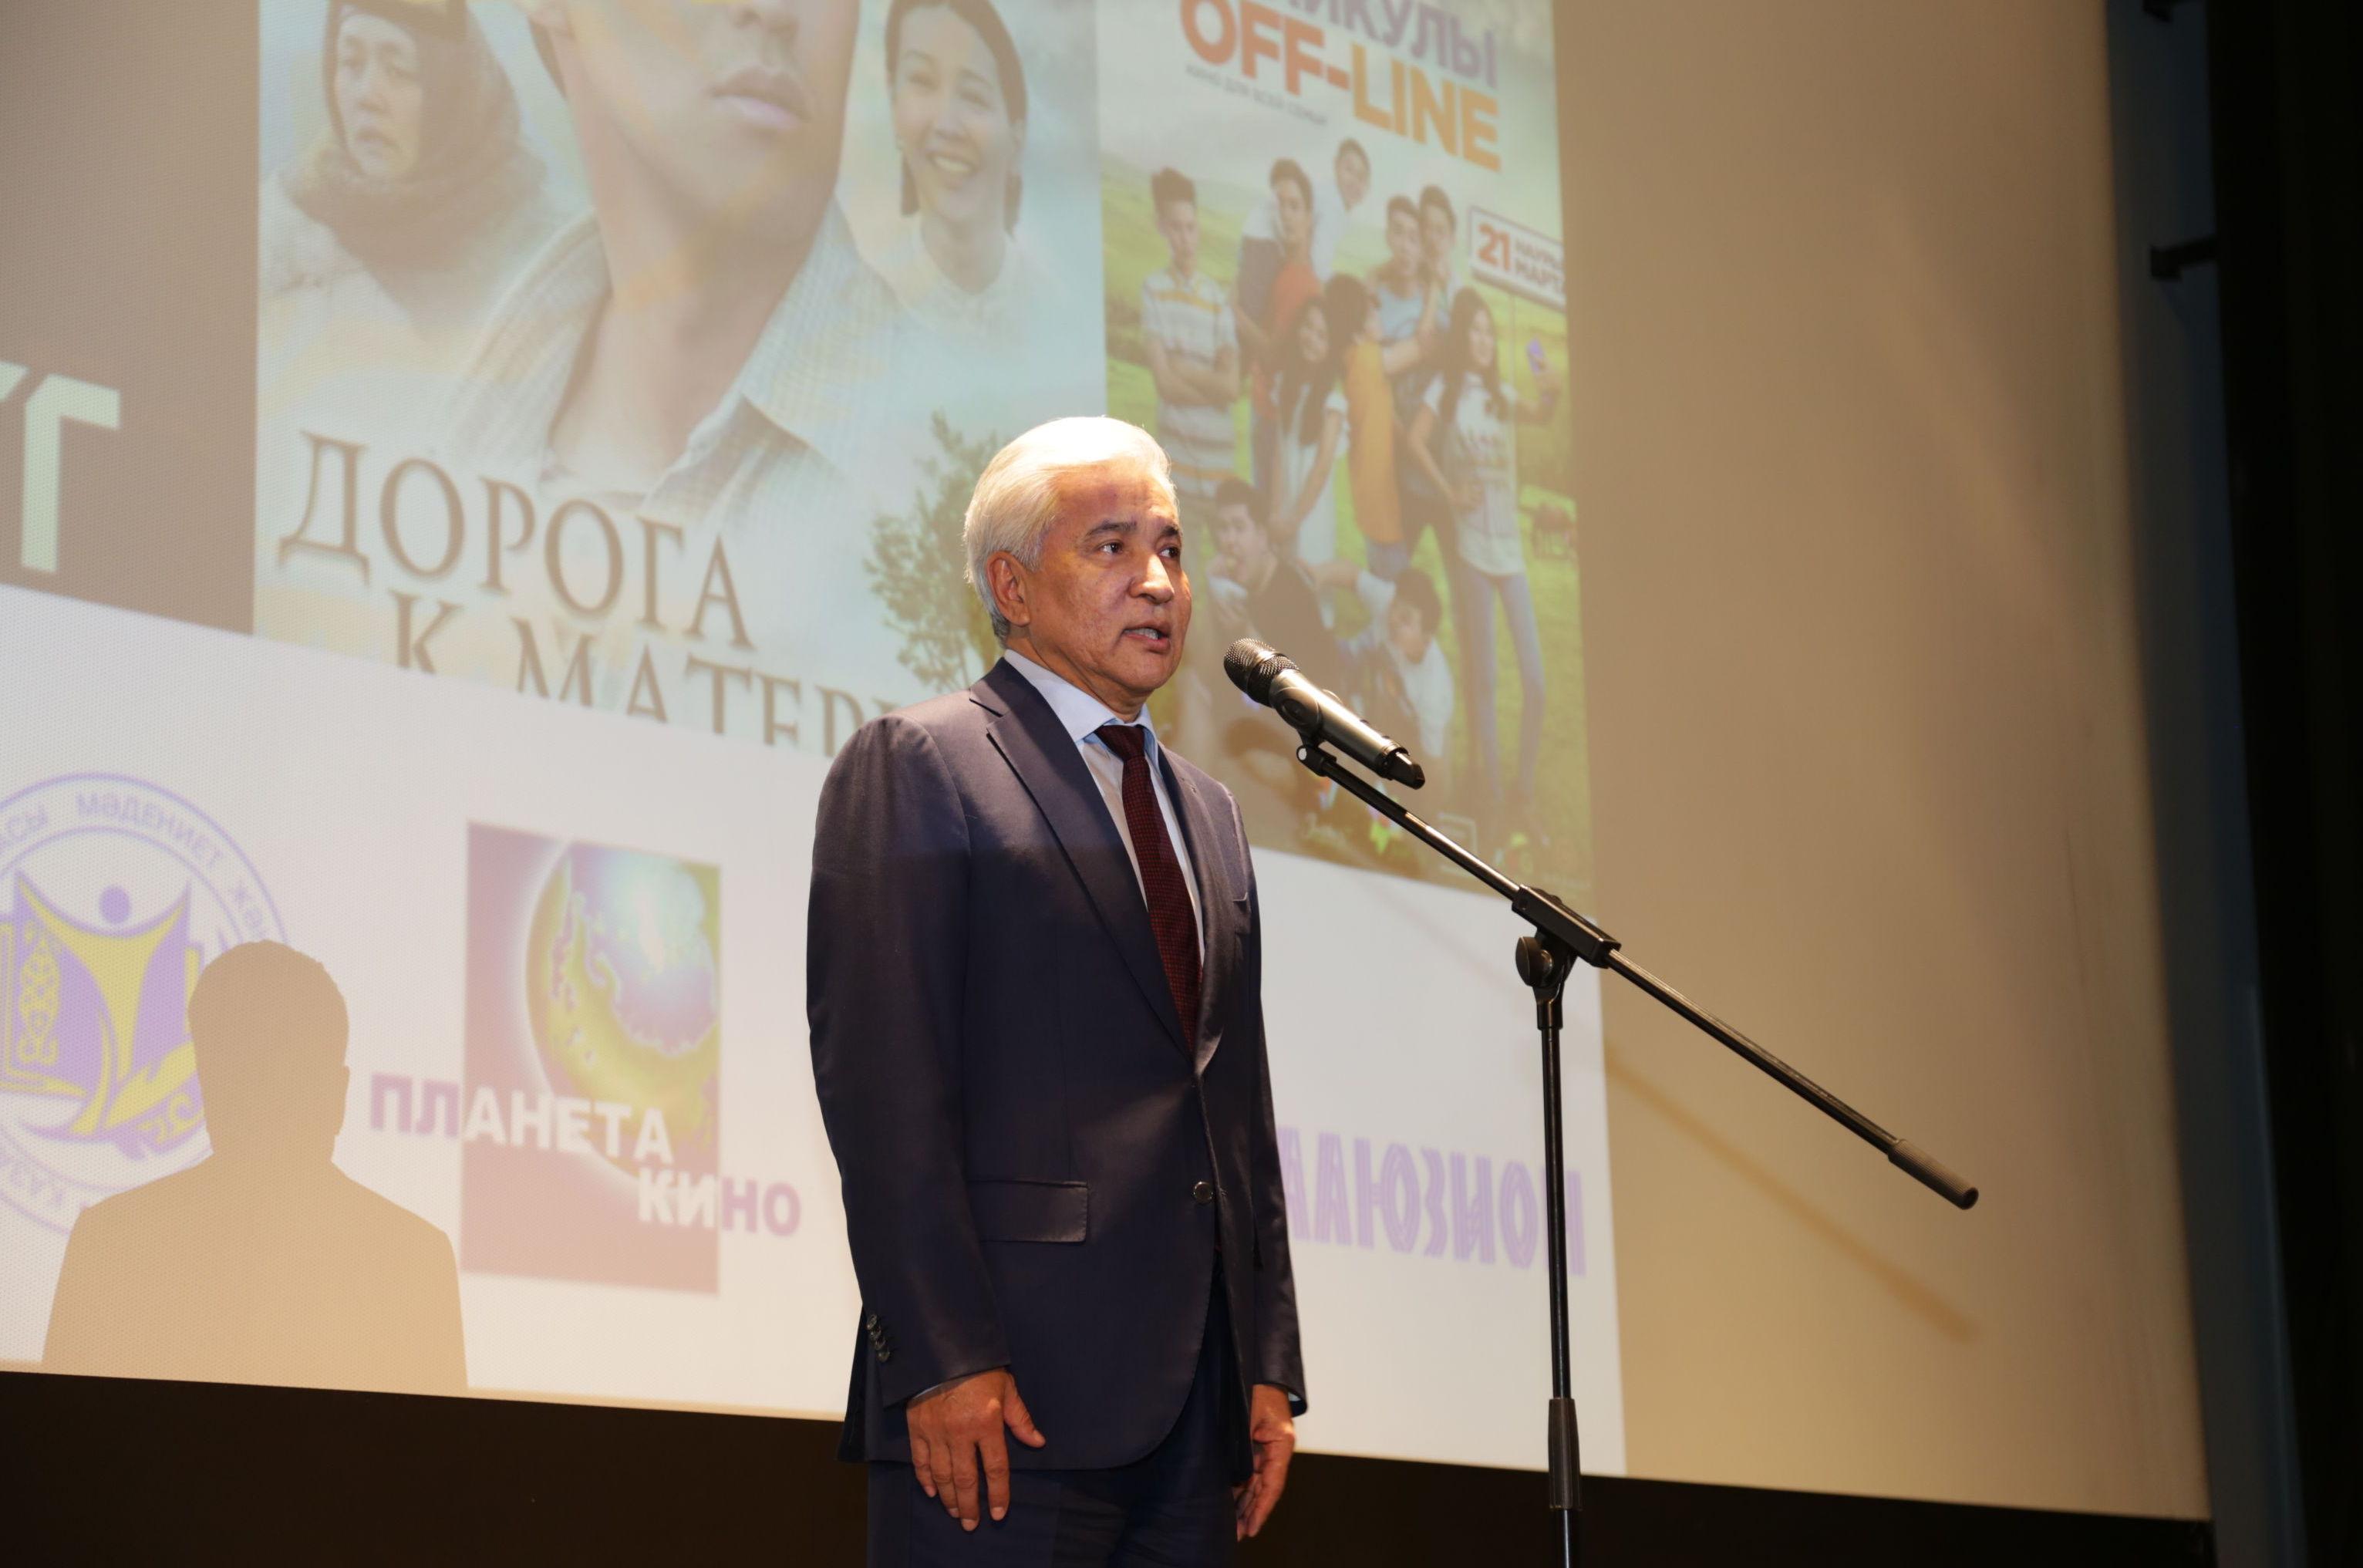 В Москве стартовала Неделя казахстанского кино, посвященная Абишу Кекилбаеву